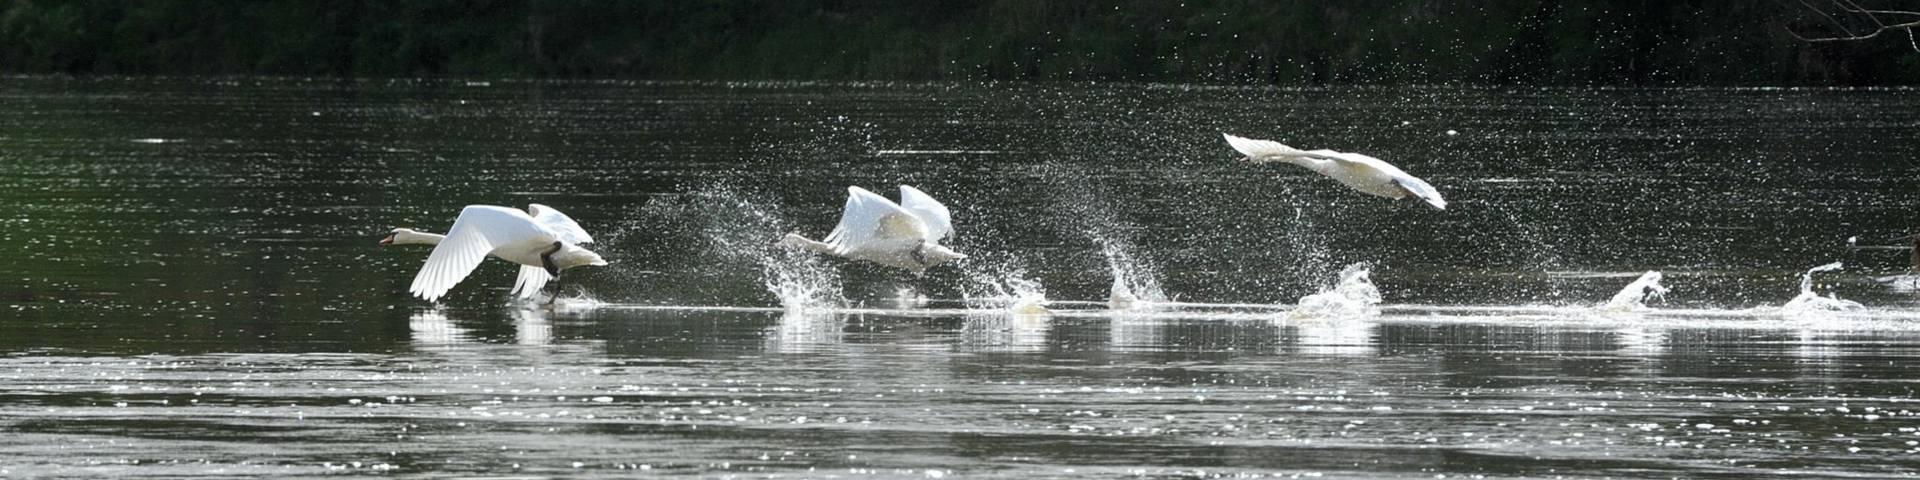 Volo di cigni sopra la Loira